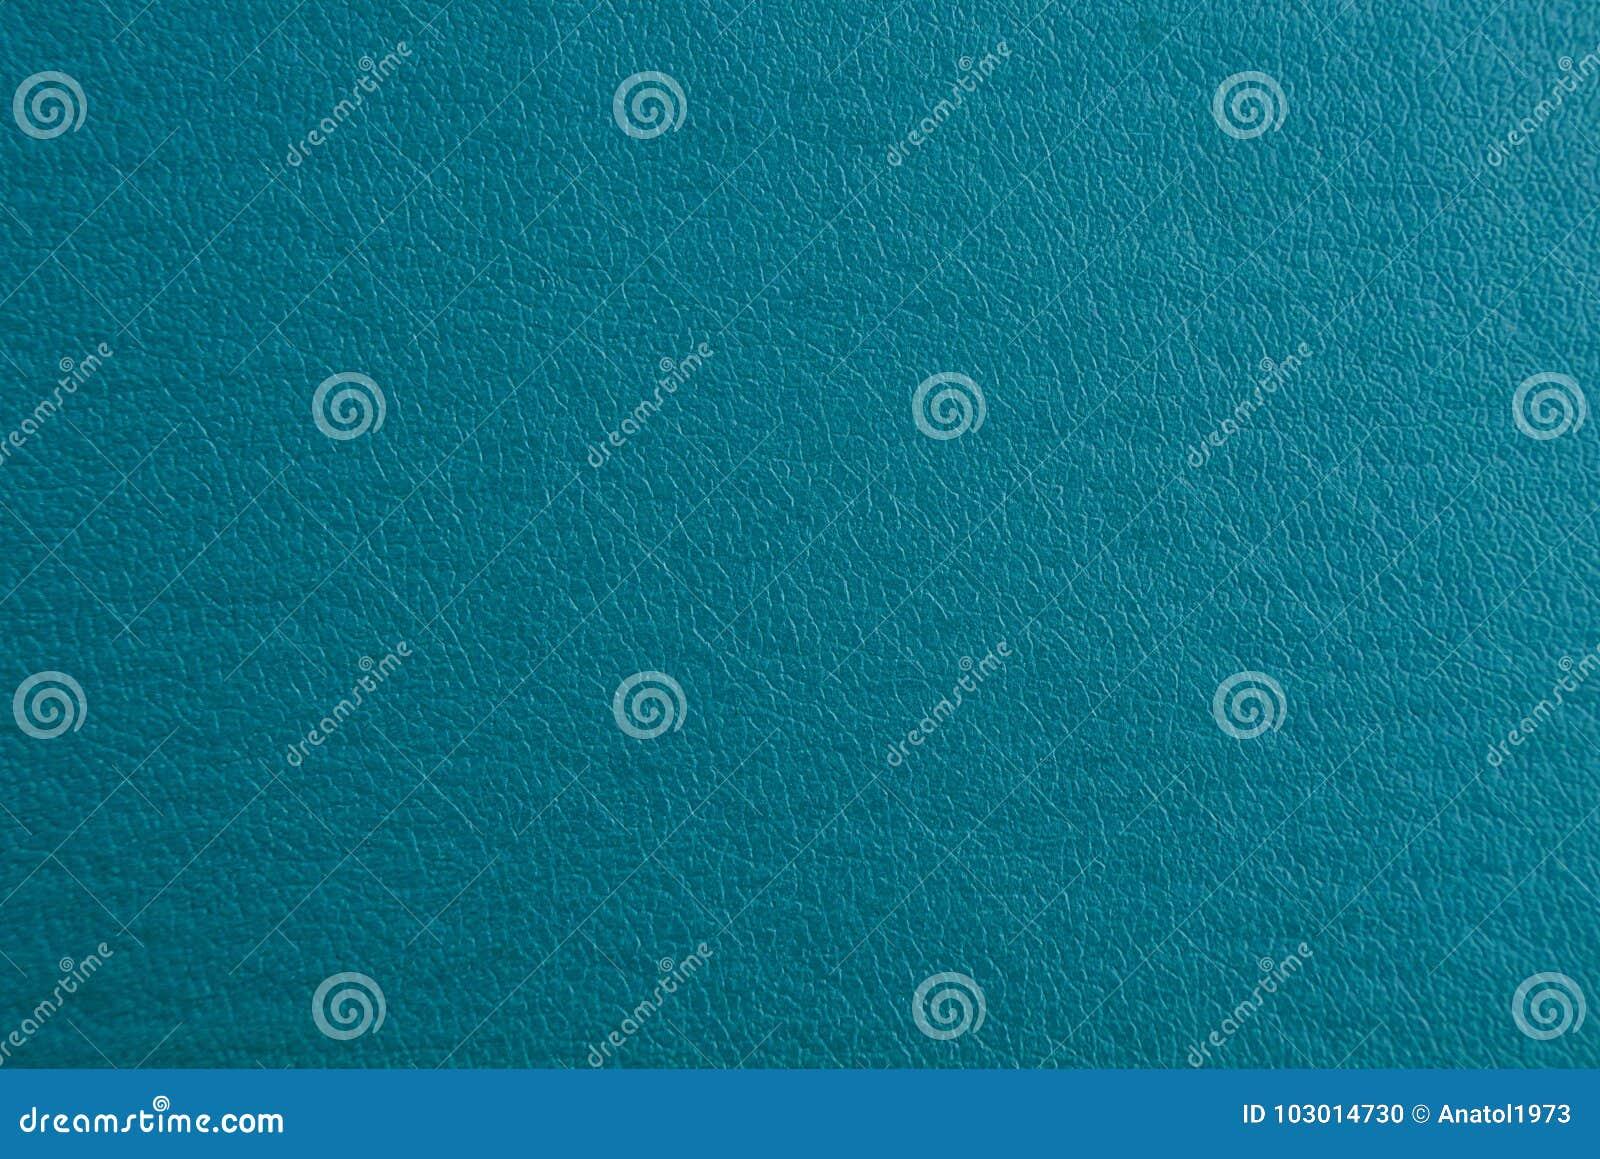 0ed53509d4d7 Fundo Azul Da Capa Do Livro De Couro Velha Foto de Stock - Imagem de ...